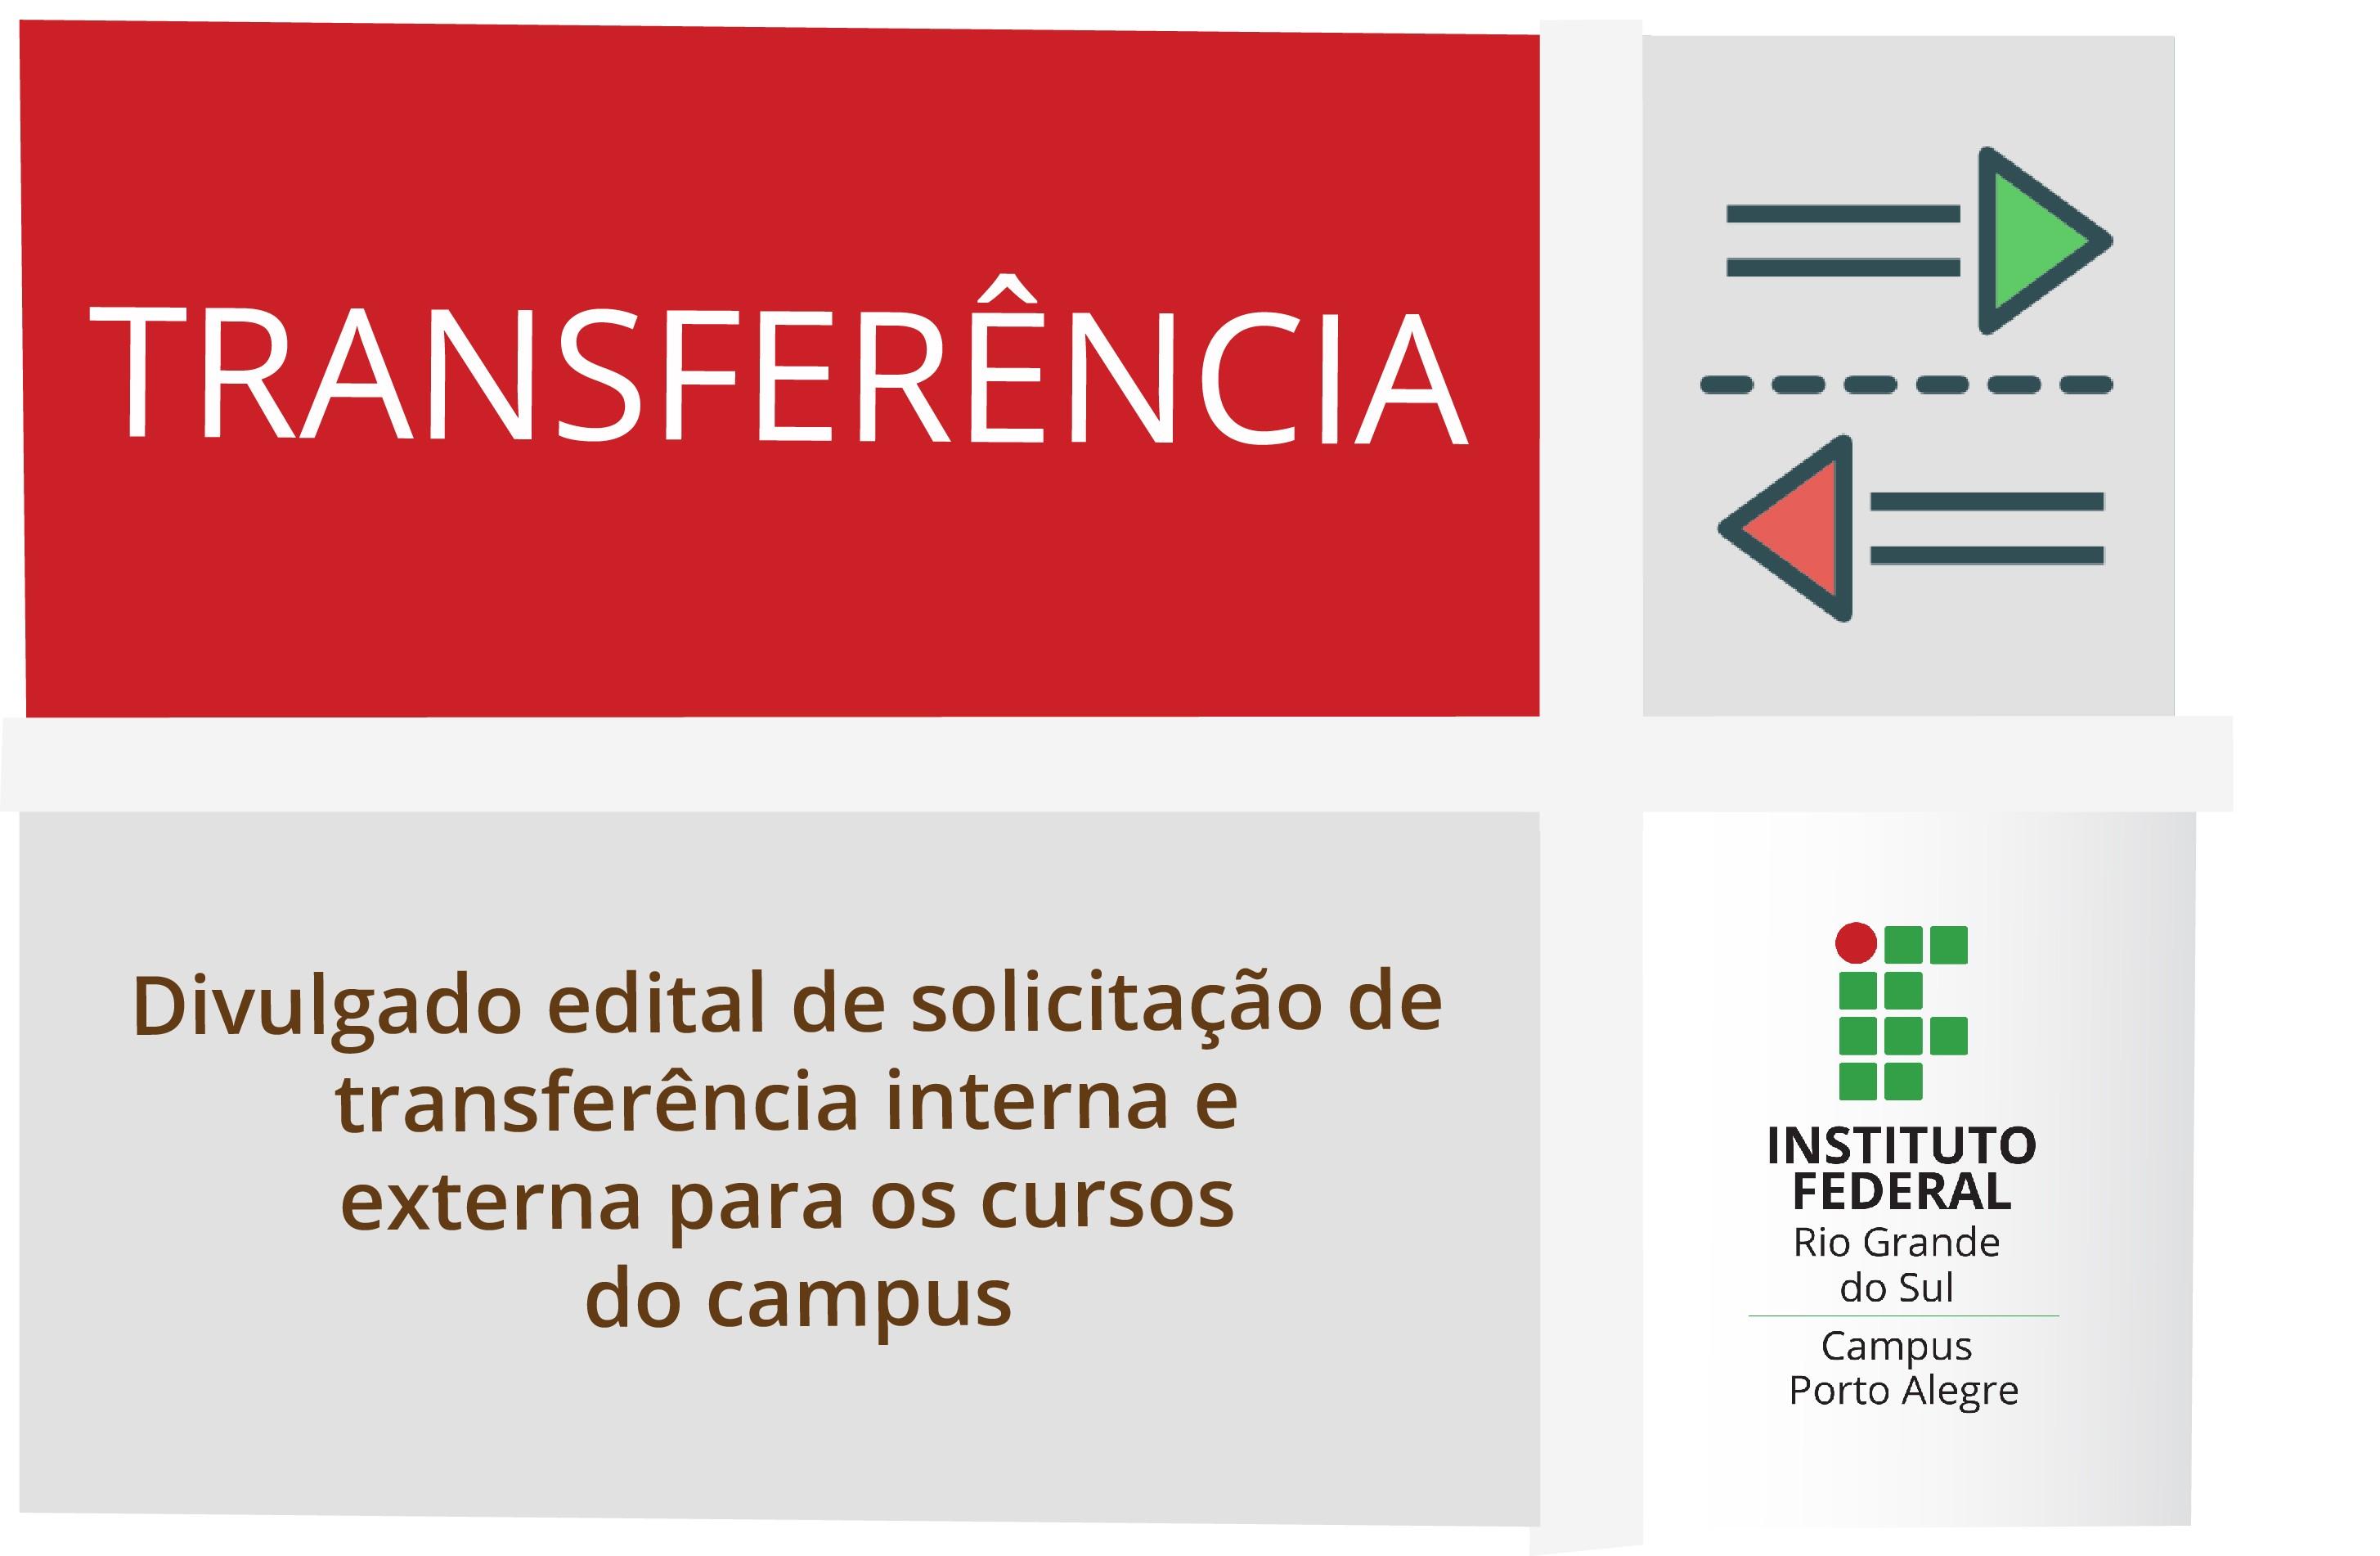 Calendario 2020 Ufrgs Actual Notcias Principais ifrs Campus Porto Alegre